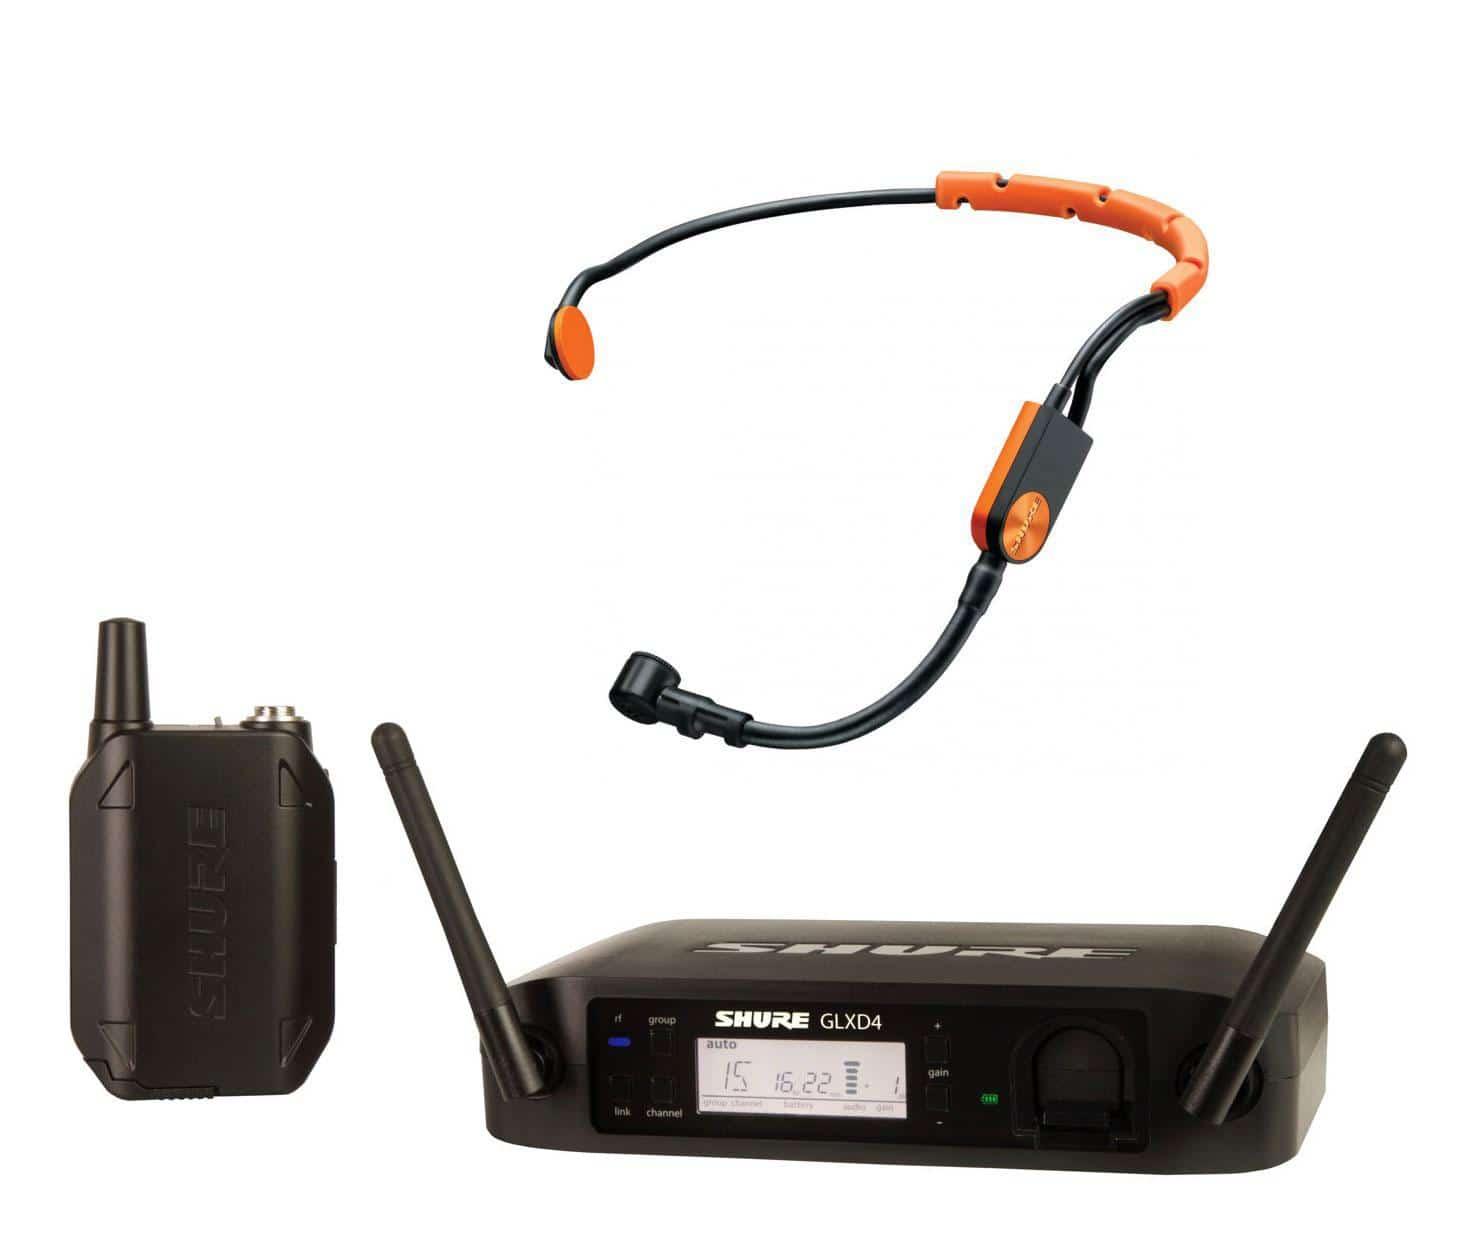 Drahtlossysteme - Shure GLXD14|SM31 Headset Funksystem - Onlineshop Musikhaus Kirstein